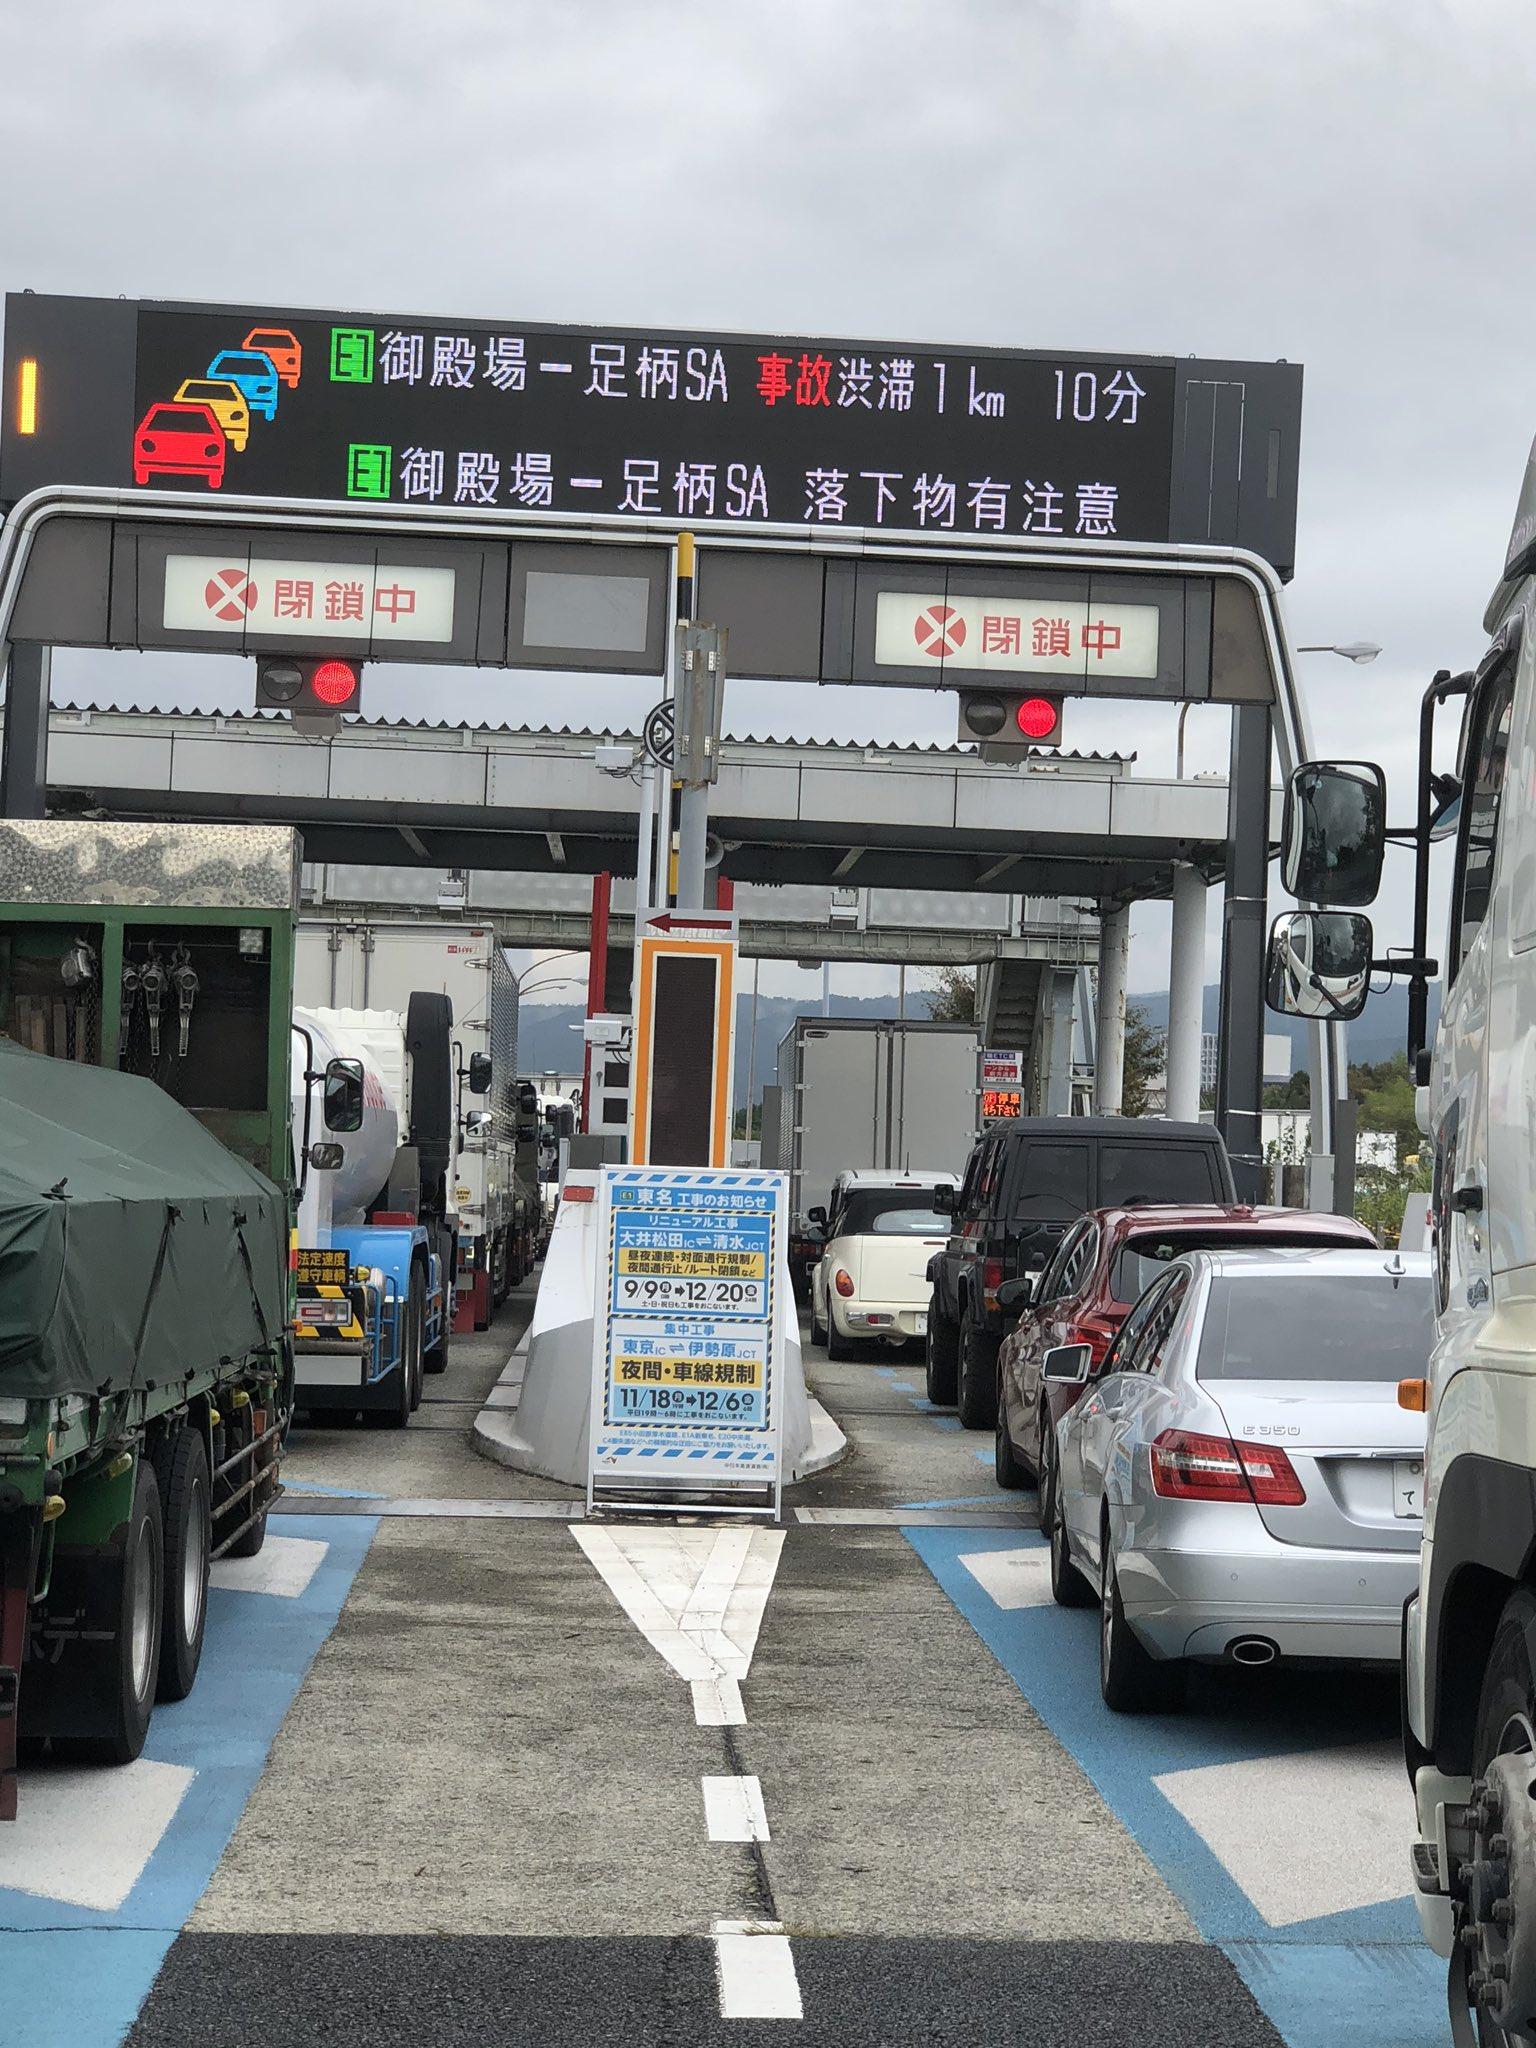 東名上りの御殿場インターの横転事故で渋滞している現場画像